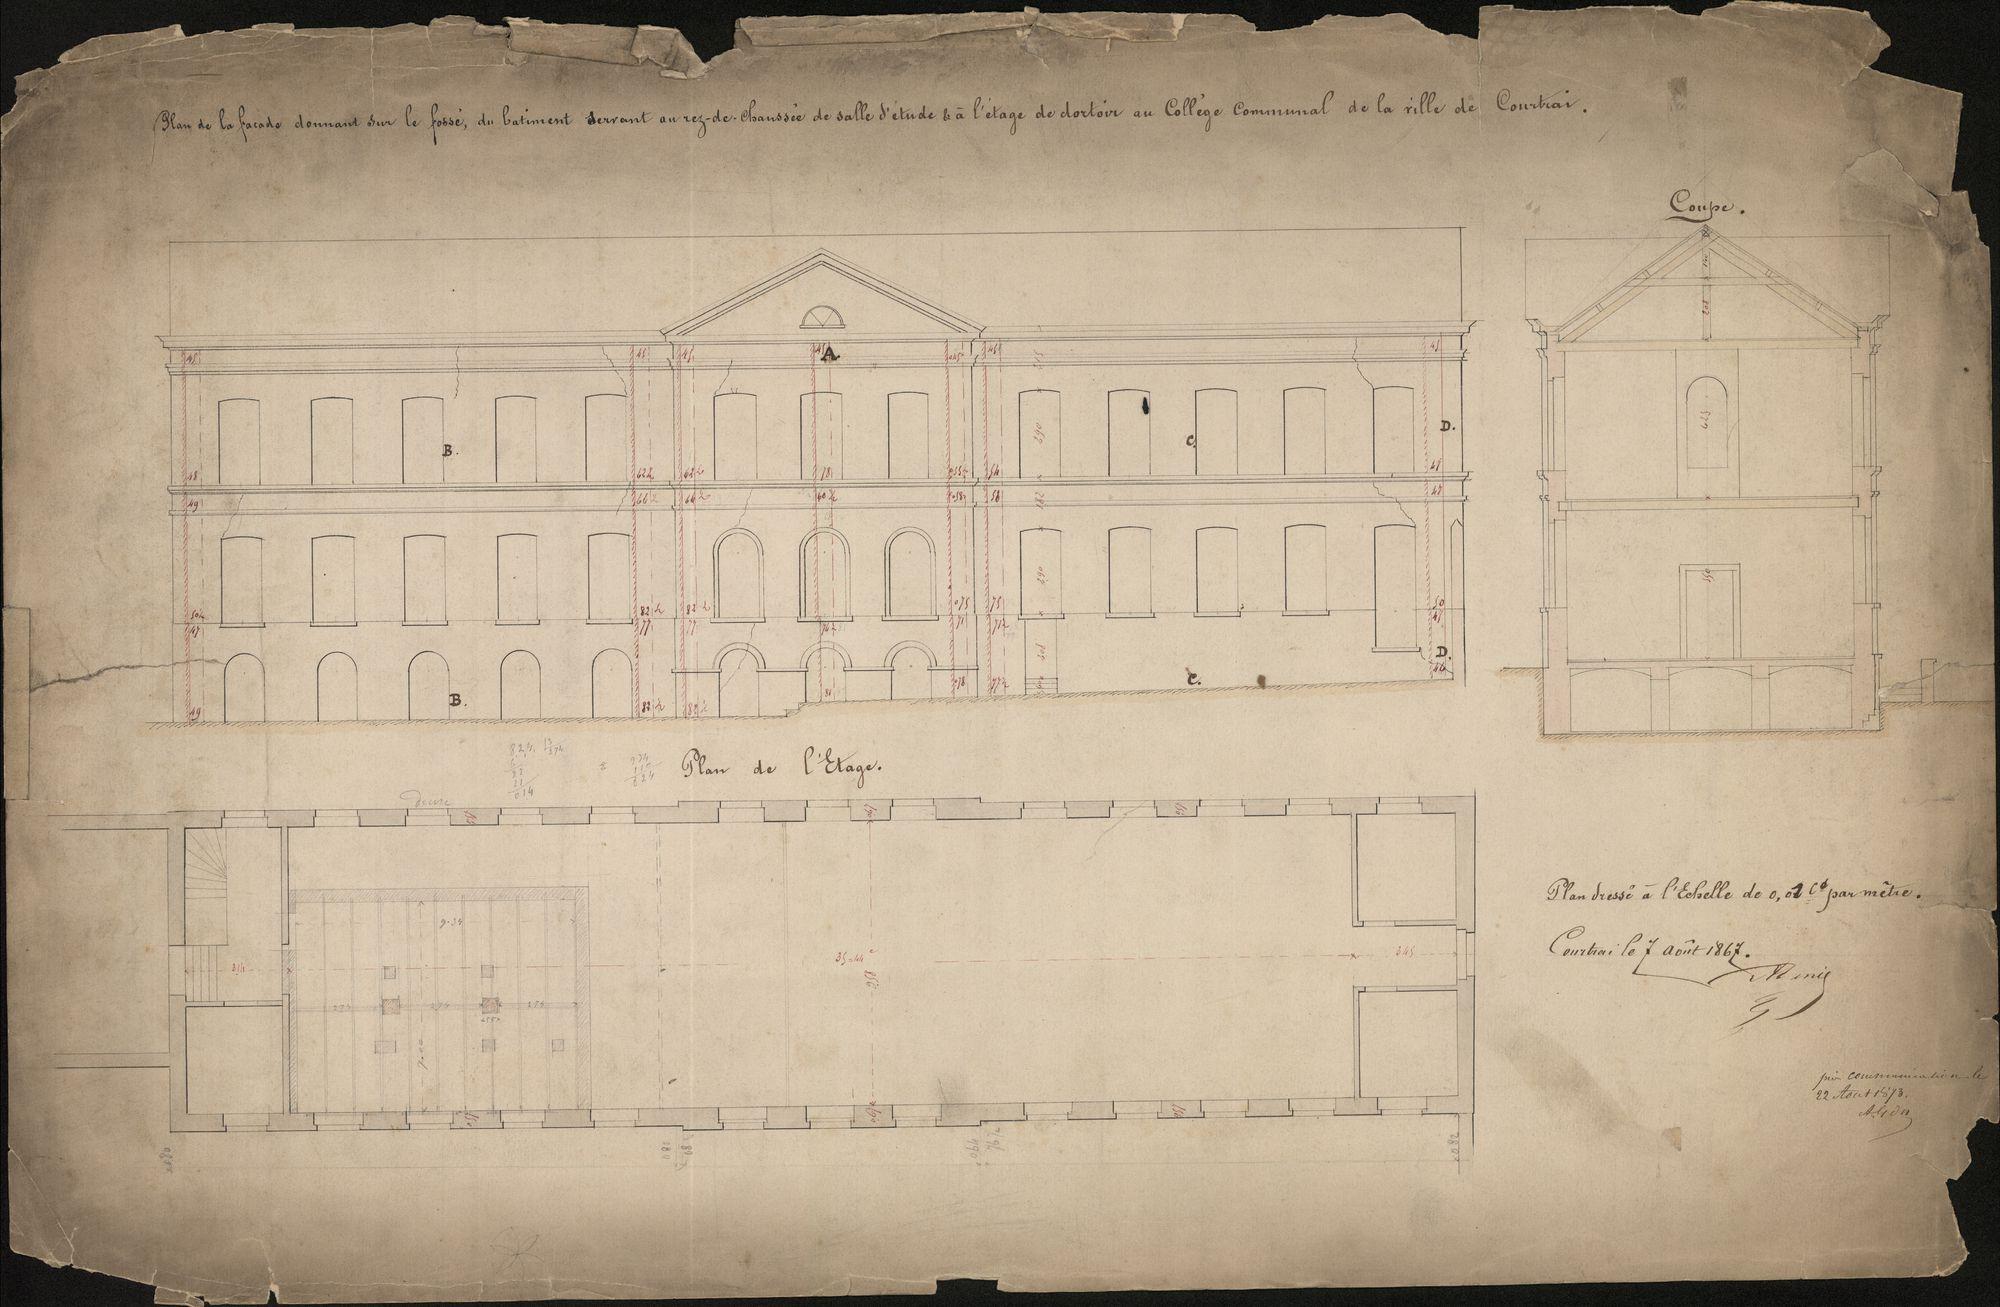 Bouwplan van het gebouw aan de zuidzijde van het Sint-Amandscollege te Kortrijk, 1867.